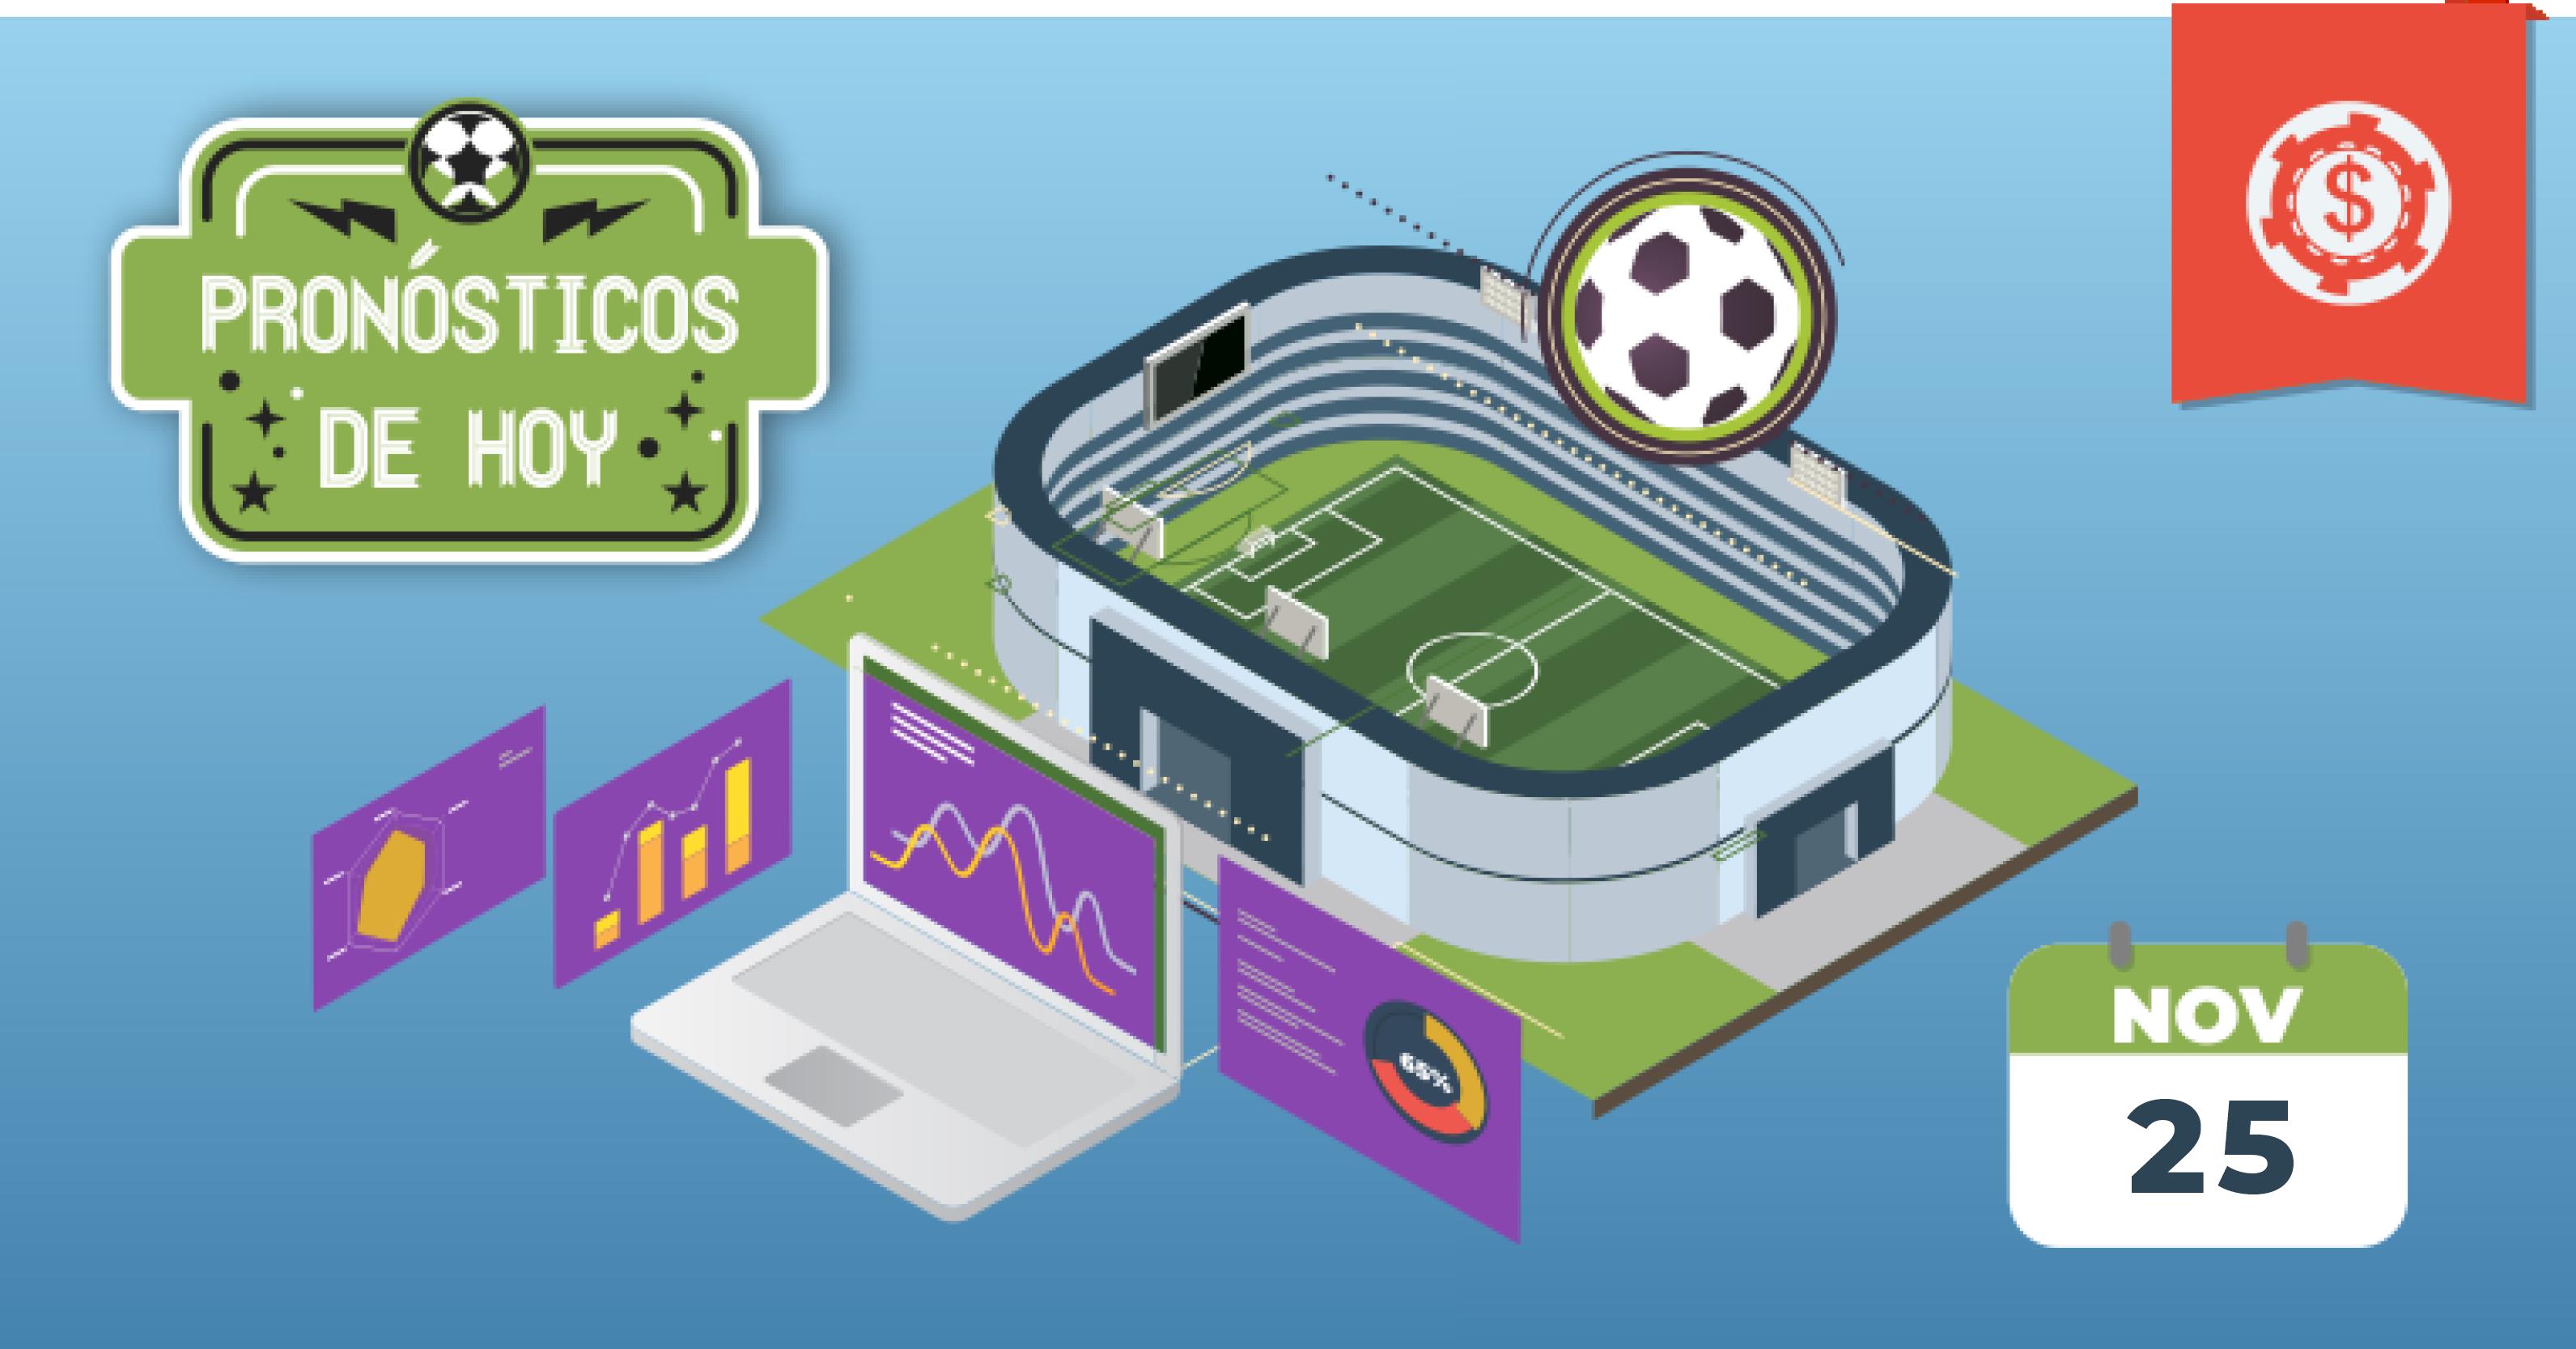 pronosticos-futbol-hoy-predicciones-25-noviembre-2019-1